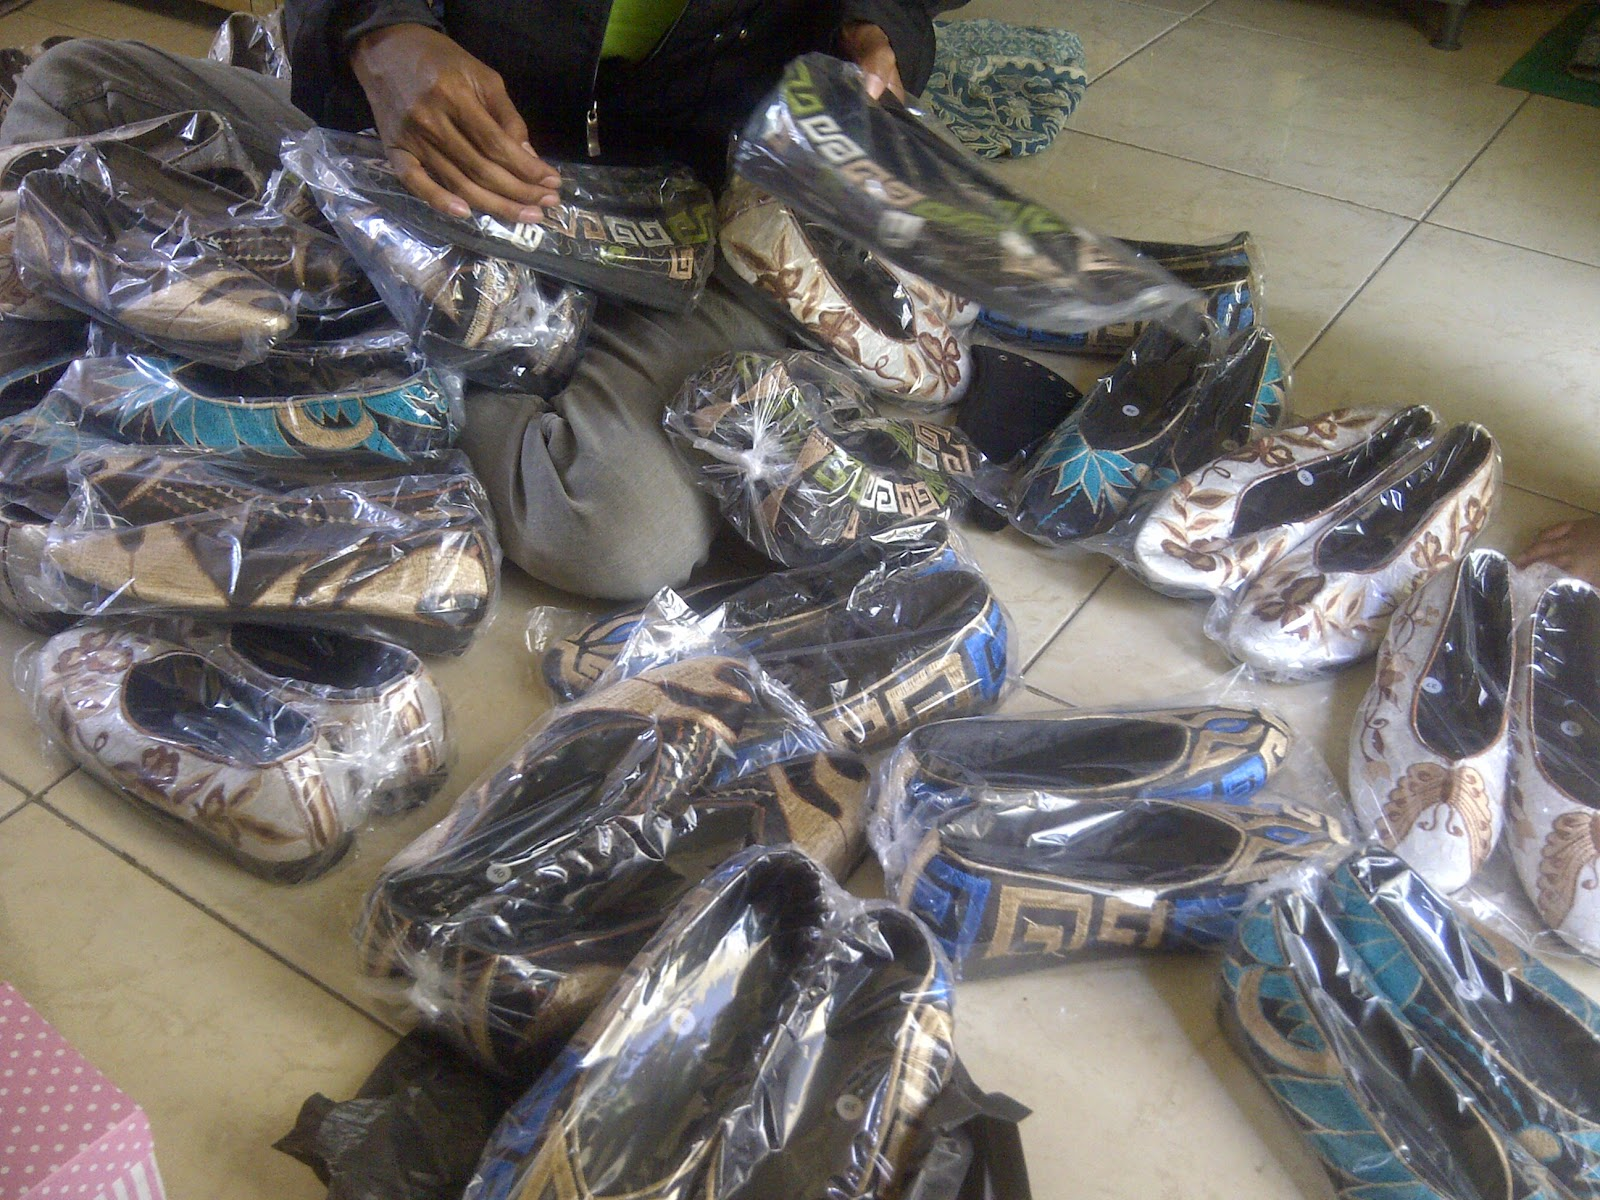 Jual Sepatu Bordir Murah, Jual Sepatu Bordir Bali, Jual Sepatu Bordir Anak, www.distributorsepatumurah.com